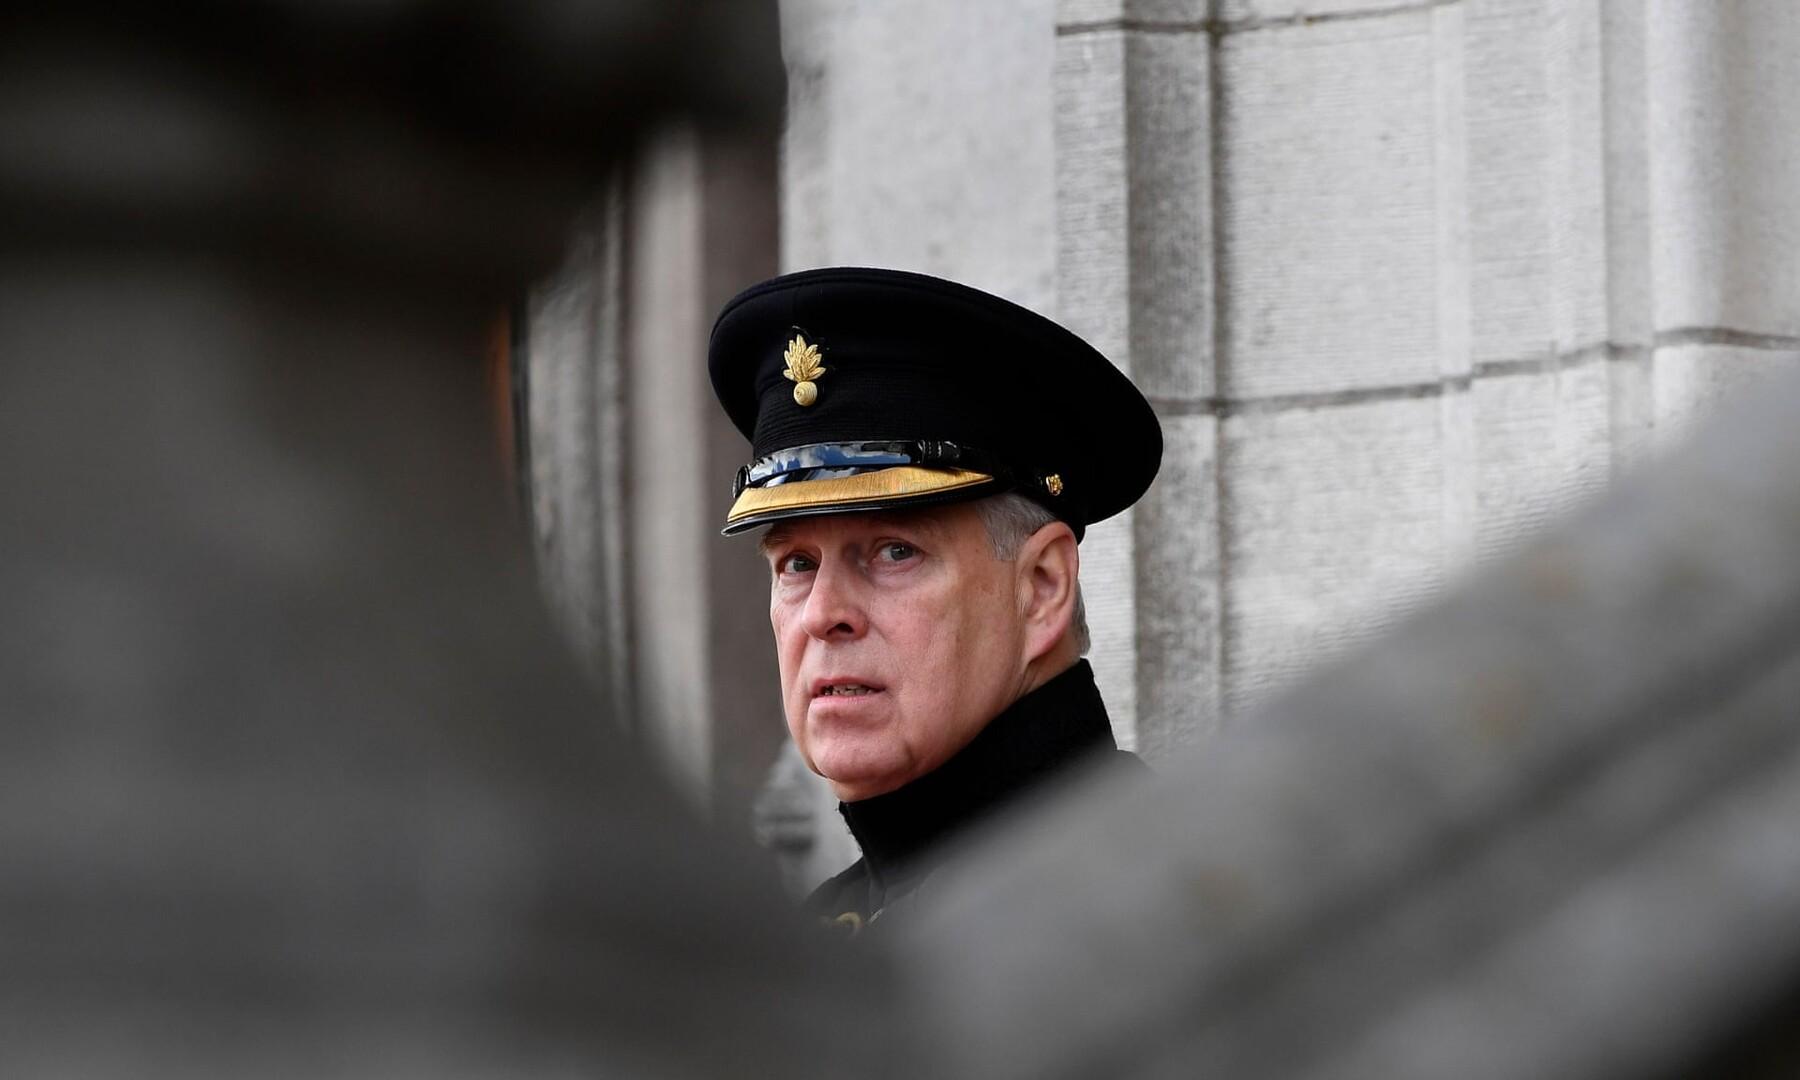 تايمز: الاستخبارات البريطانية تخشى من امتلاك روسيا أدلة على تورط الأمير أندرو في قضية إبشتاين!